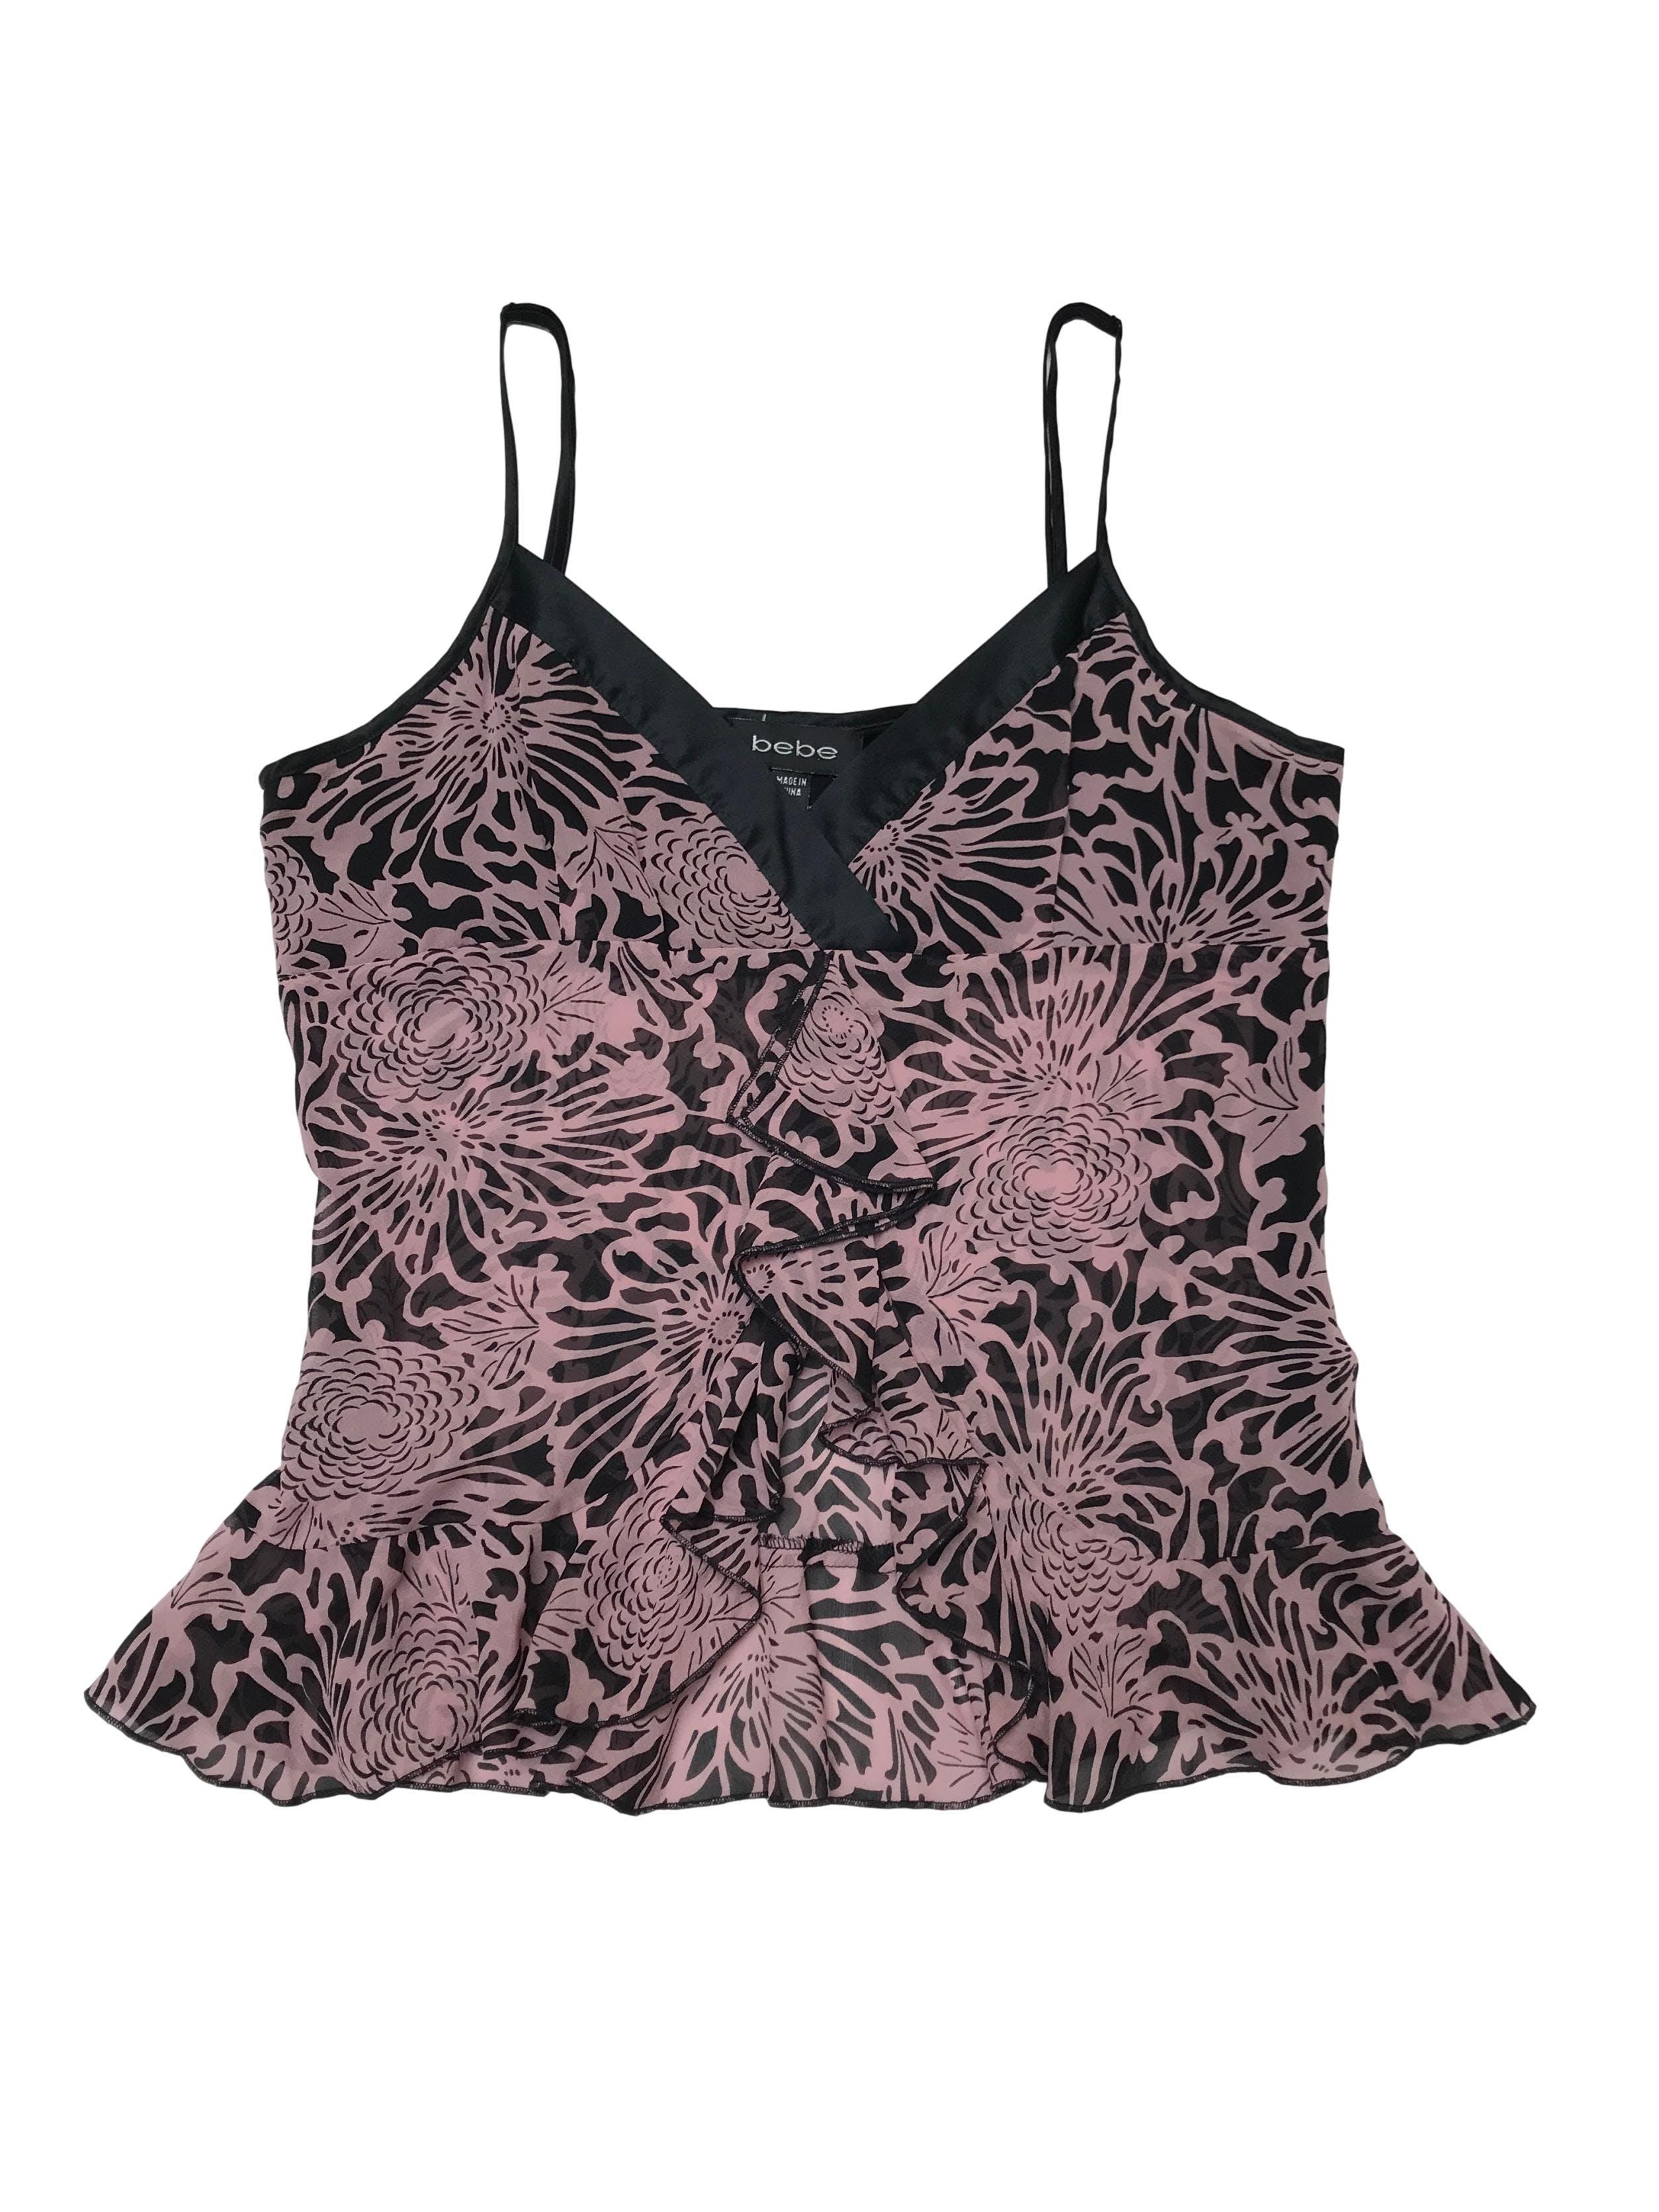 Blusa Bebe 95% seda, estampado negro y rosa, con volantes y cierre lateral, forro en el busto. Precio original S/ 200